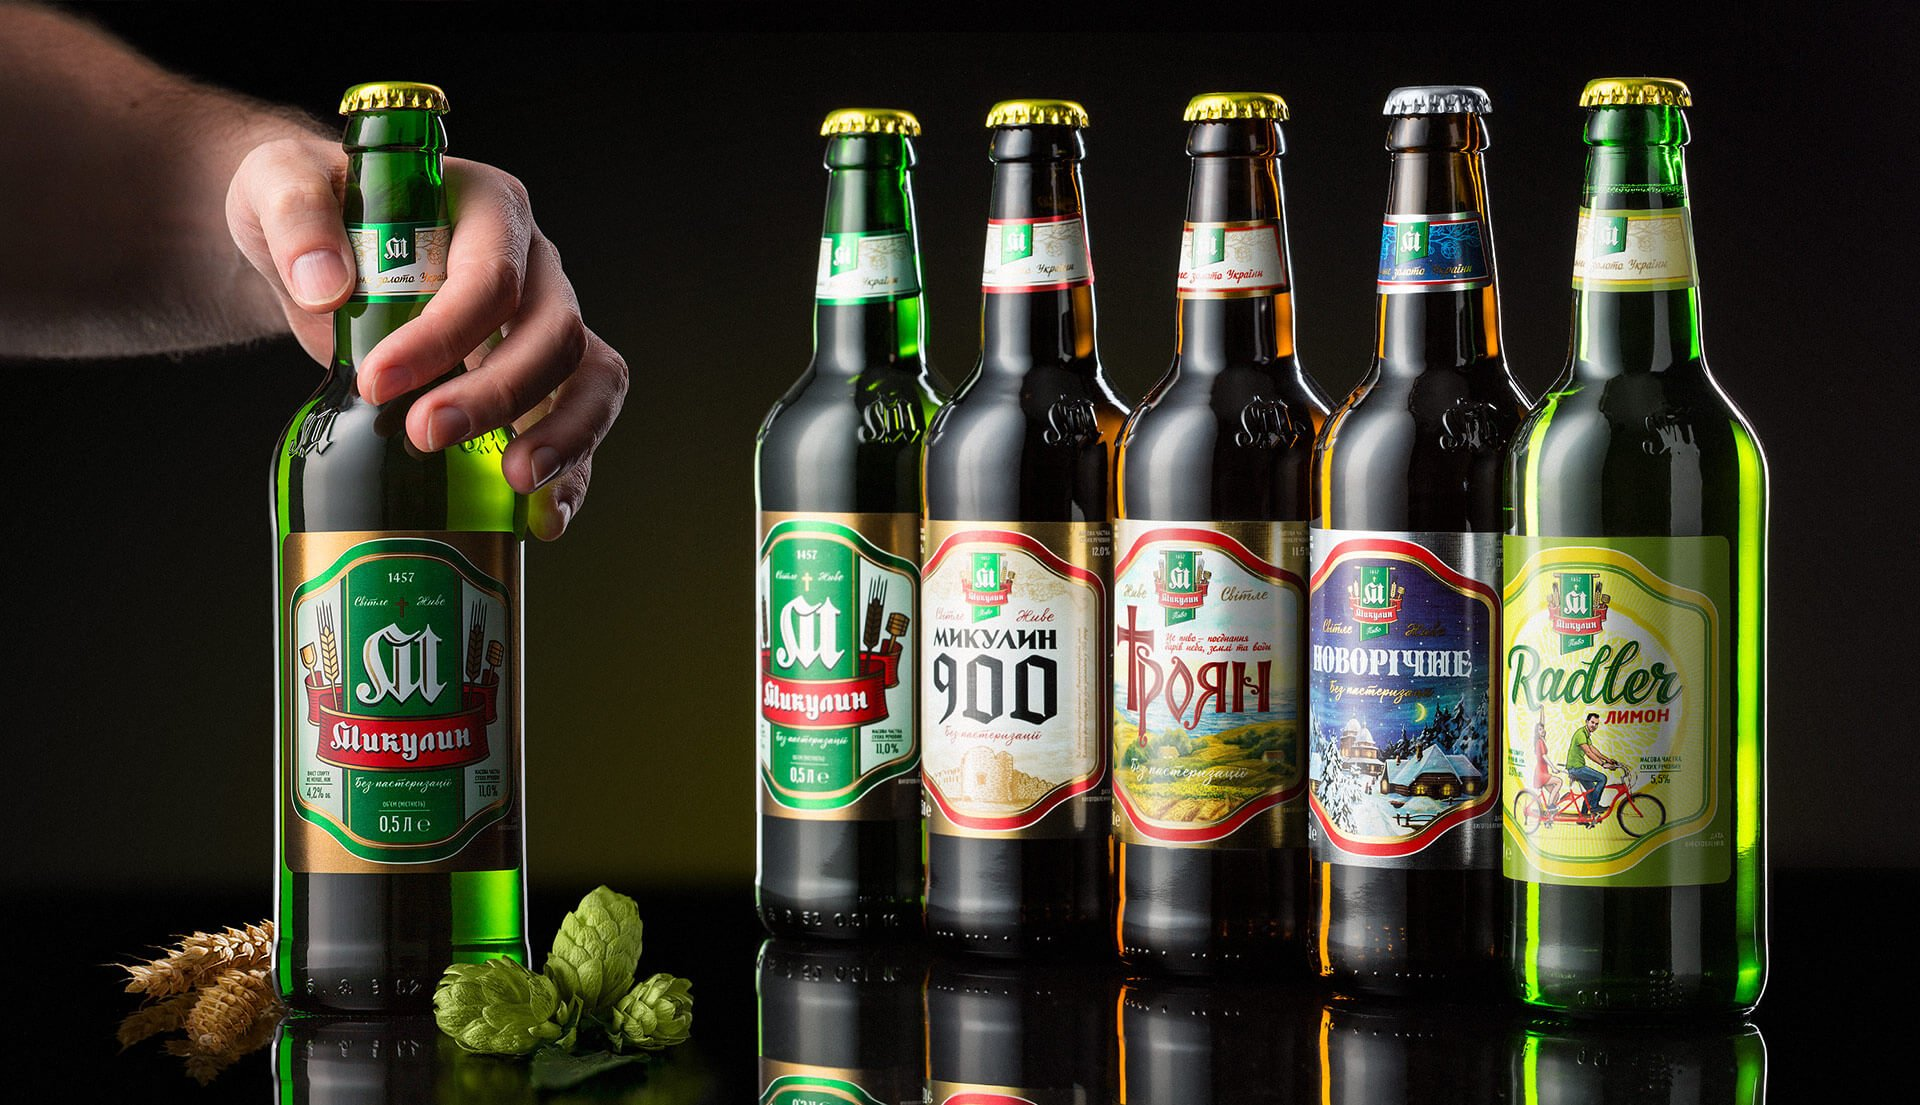 Оновлений дизайн етикеток «особливої» лінійки пива